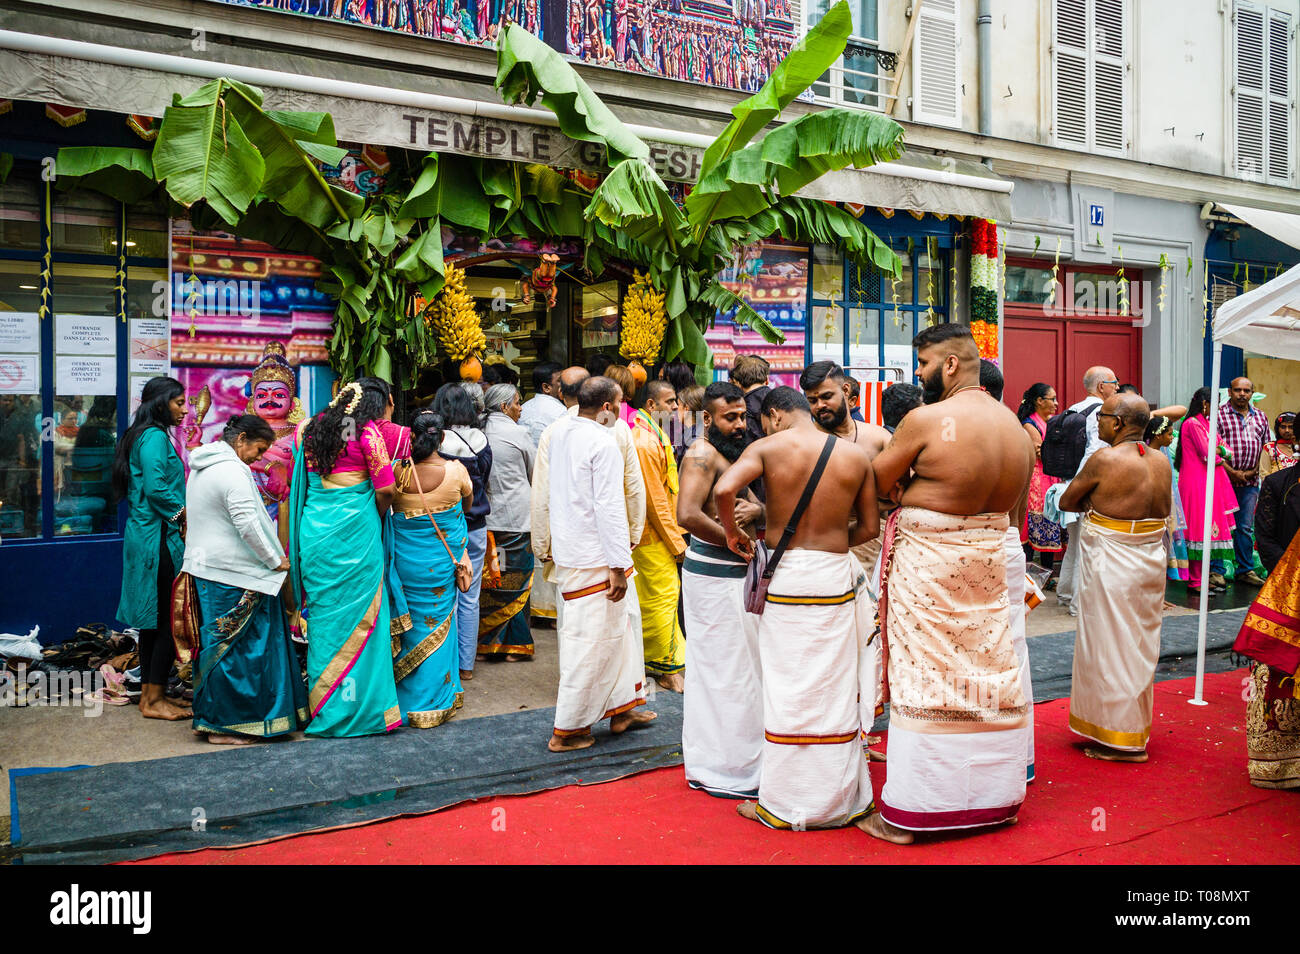 Auf Ganesh Chaturthi festival Ganesha, Menschen aus der hinduistischen Gemeinschaft sammeln im Tempel der Sri Manicka Vinayakar Alayam in Paris. Stockfoto